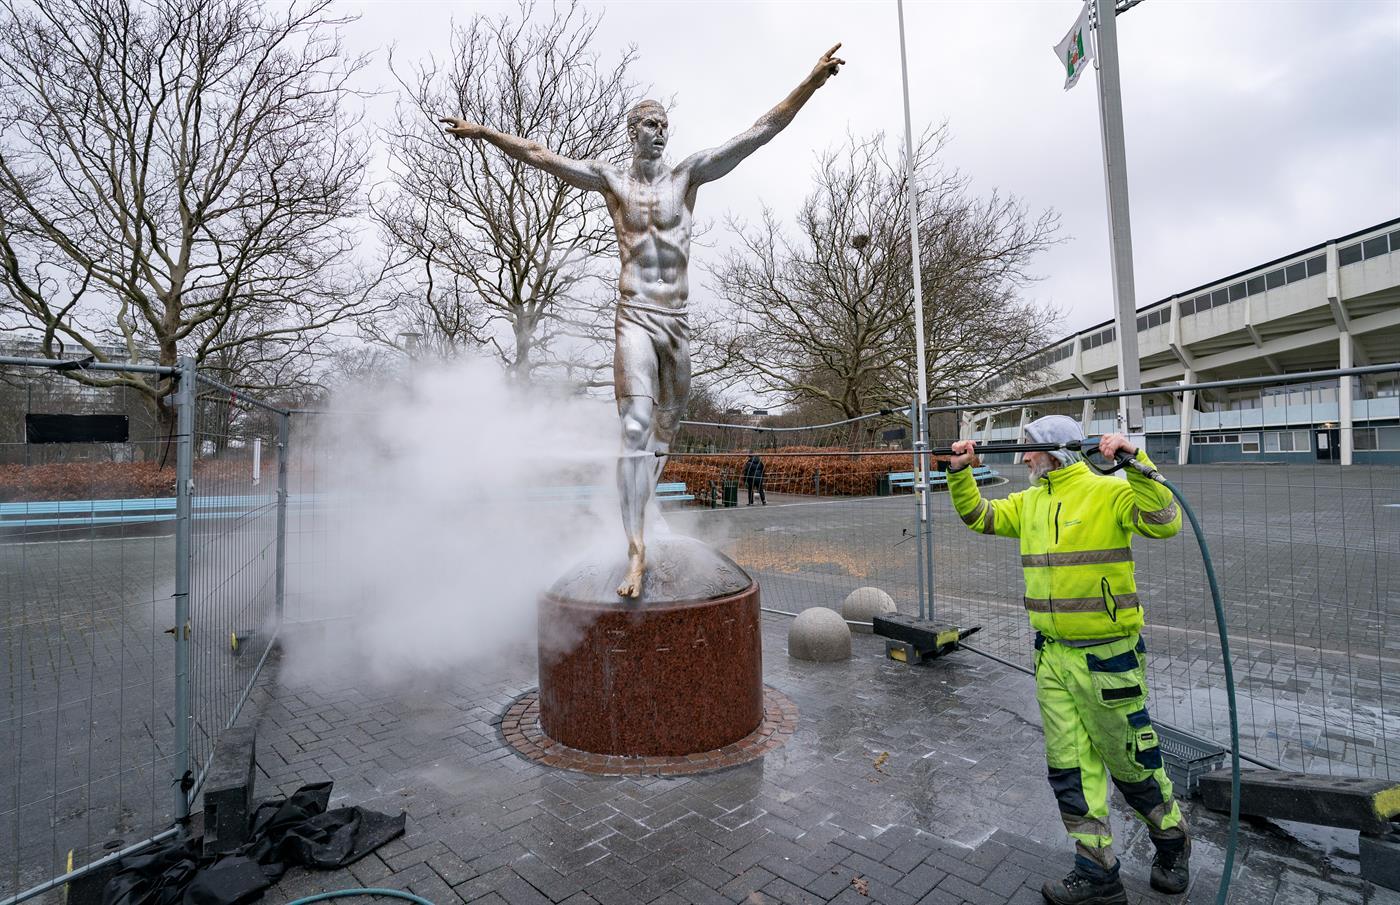 Continua a saga em torno da estátua de Ibrahimovic: agora foi o nariz